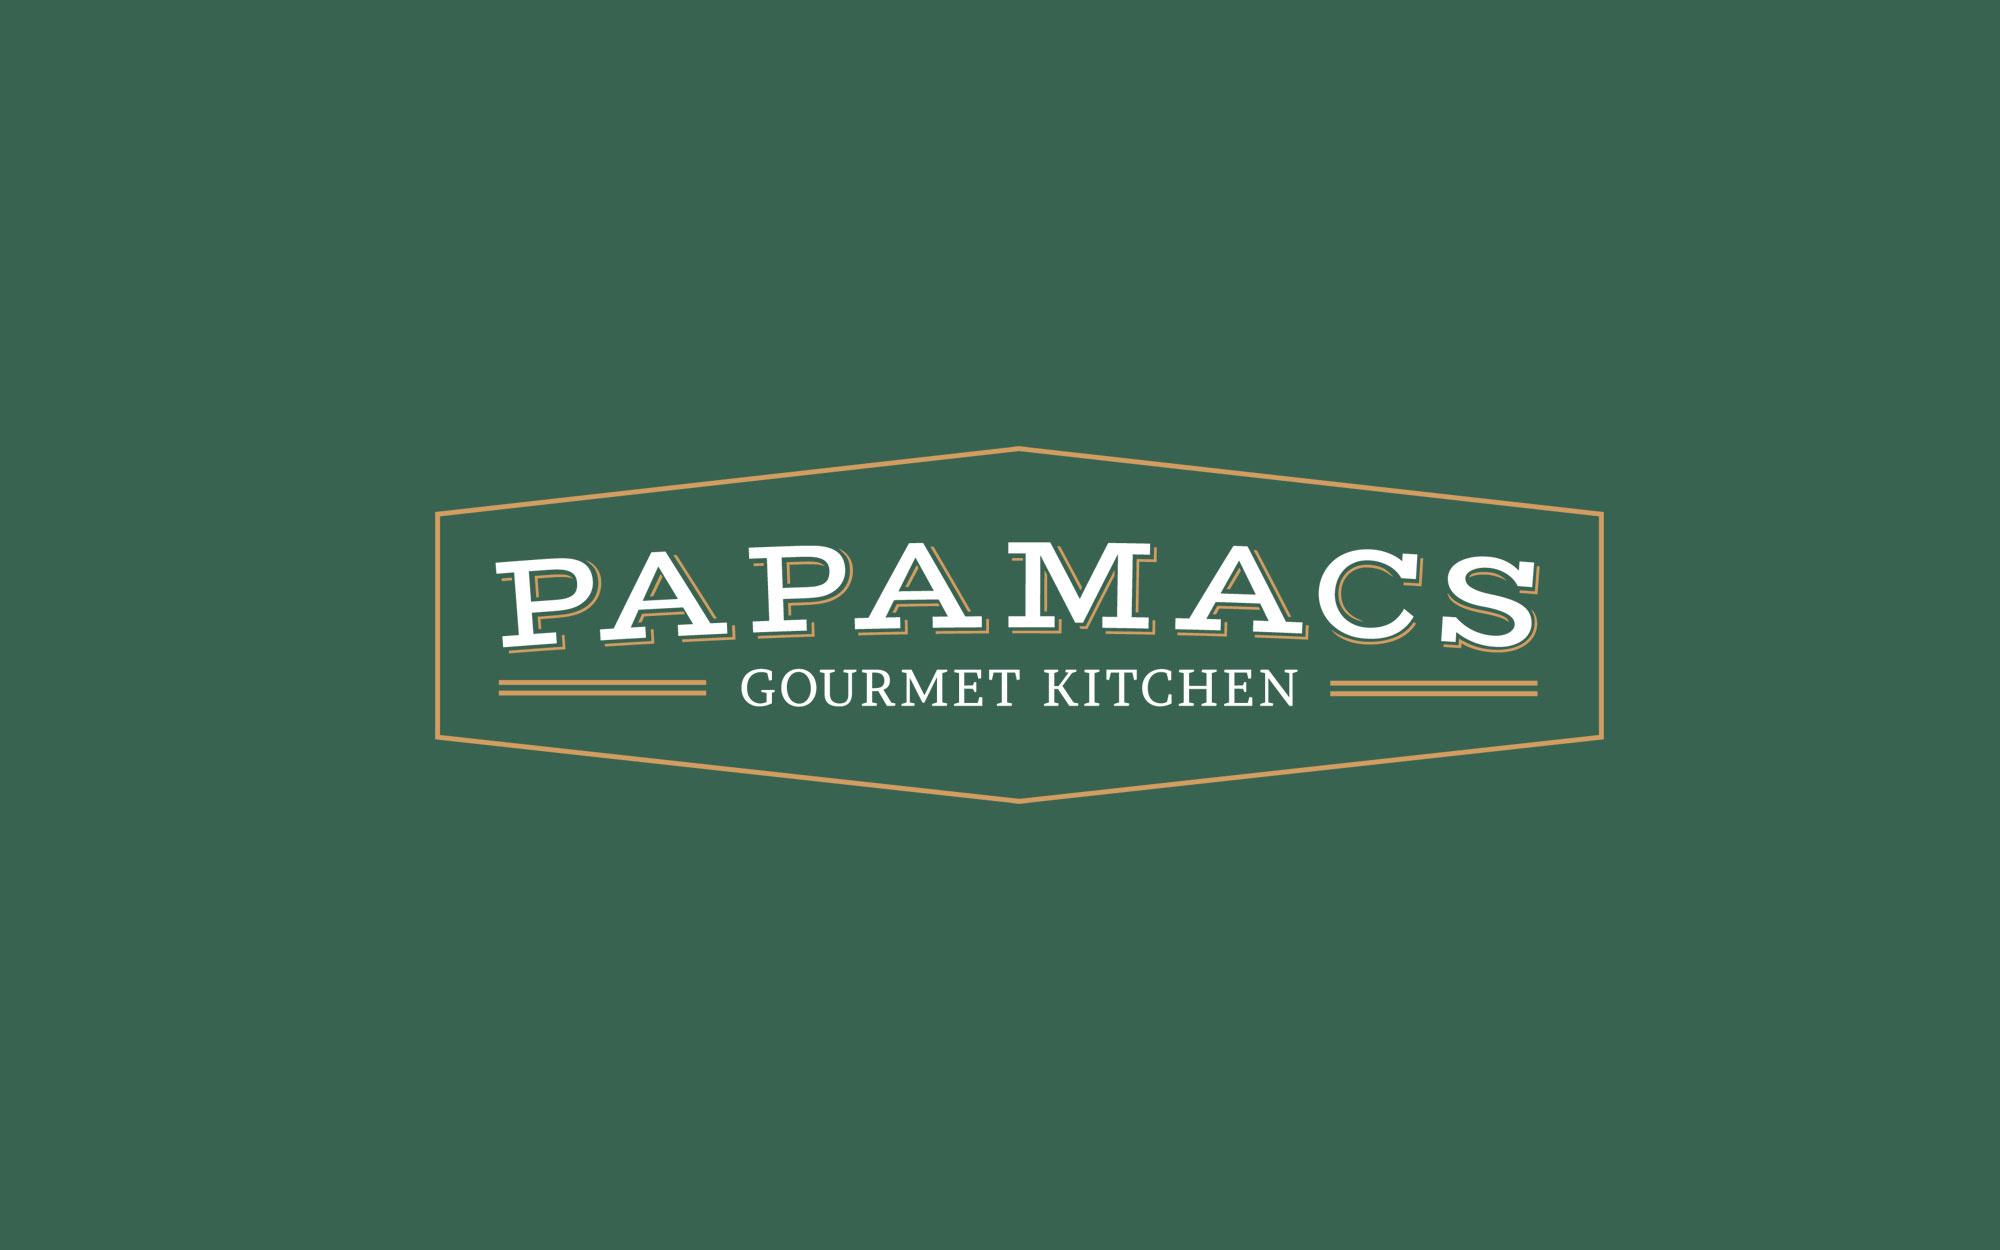 papamacs-gourmet-kitchen-logo-design-restaurant-glasgow